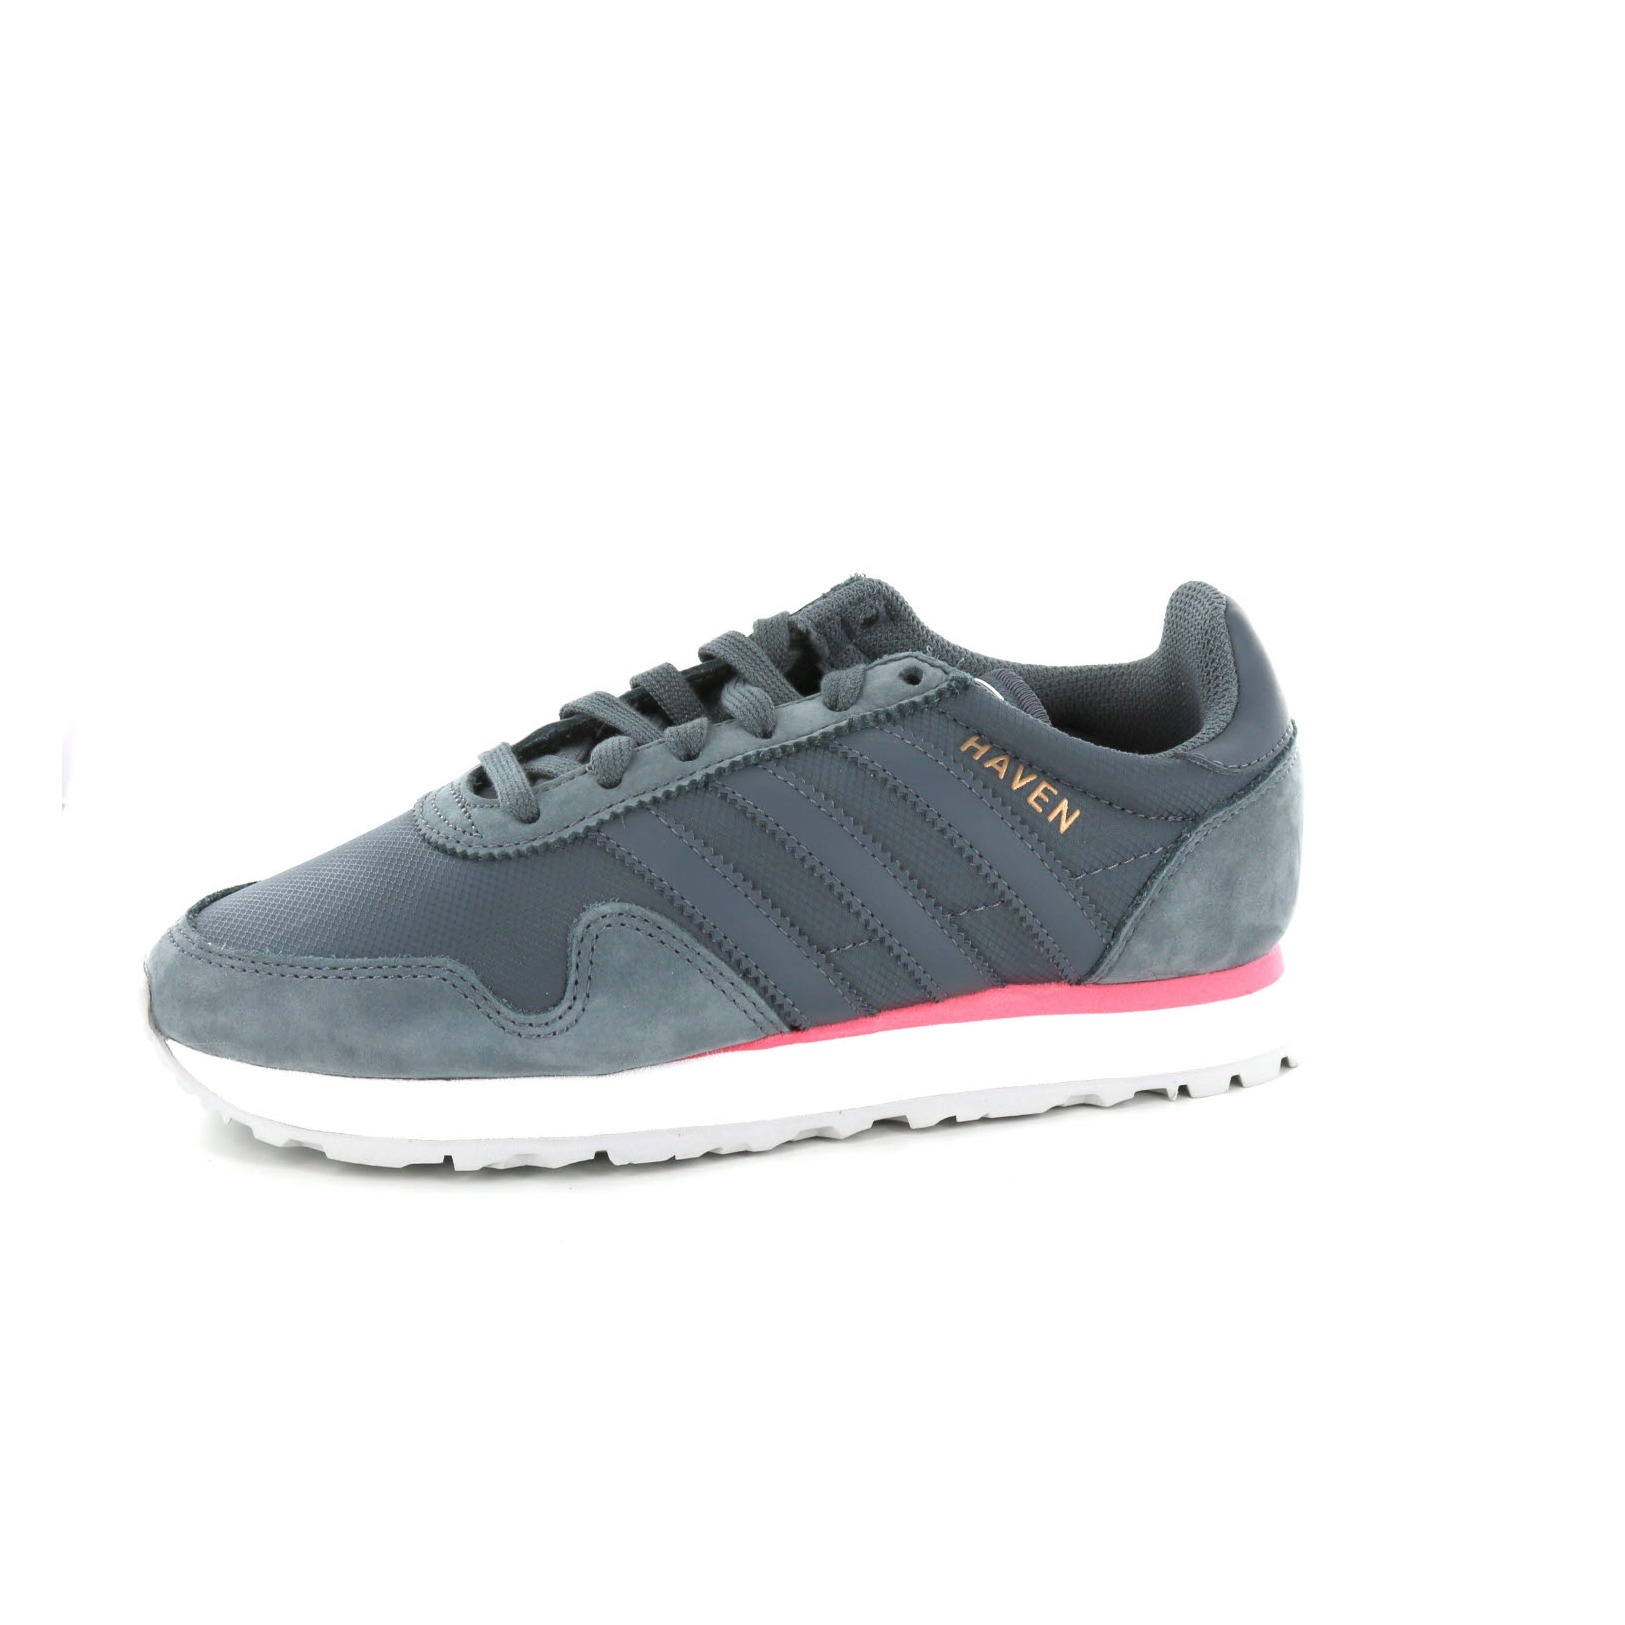 Adidas / Pizzo Scarpe - Scarpe Da Ginnastica, Grigio